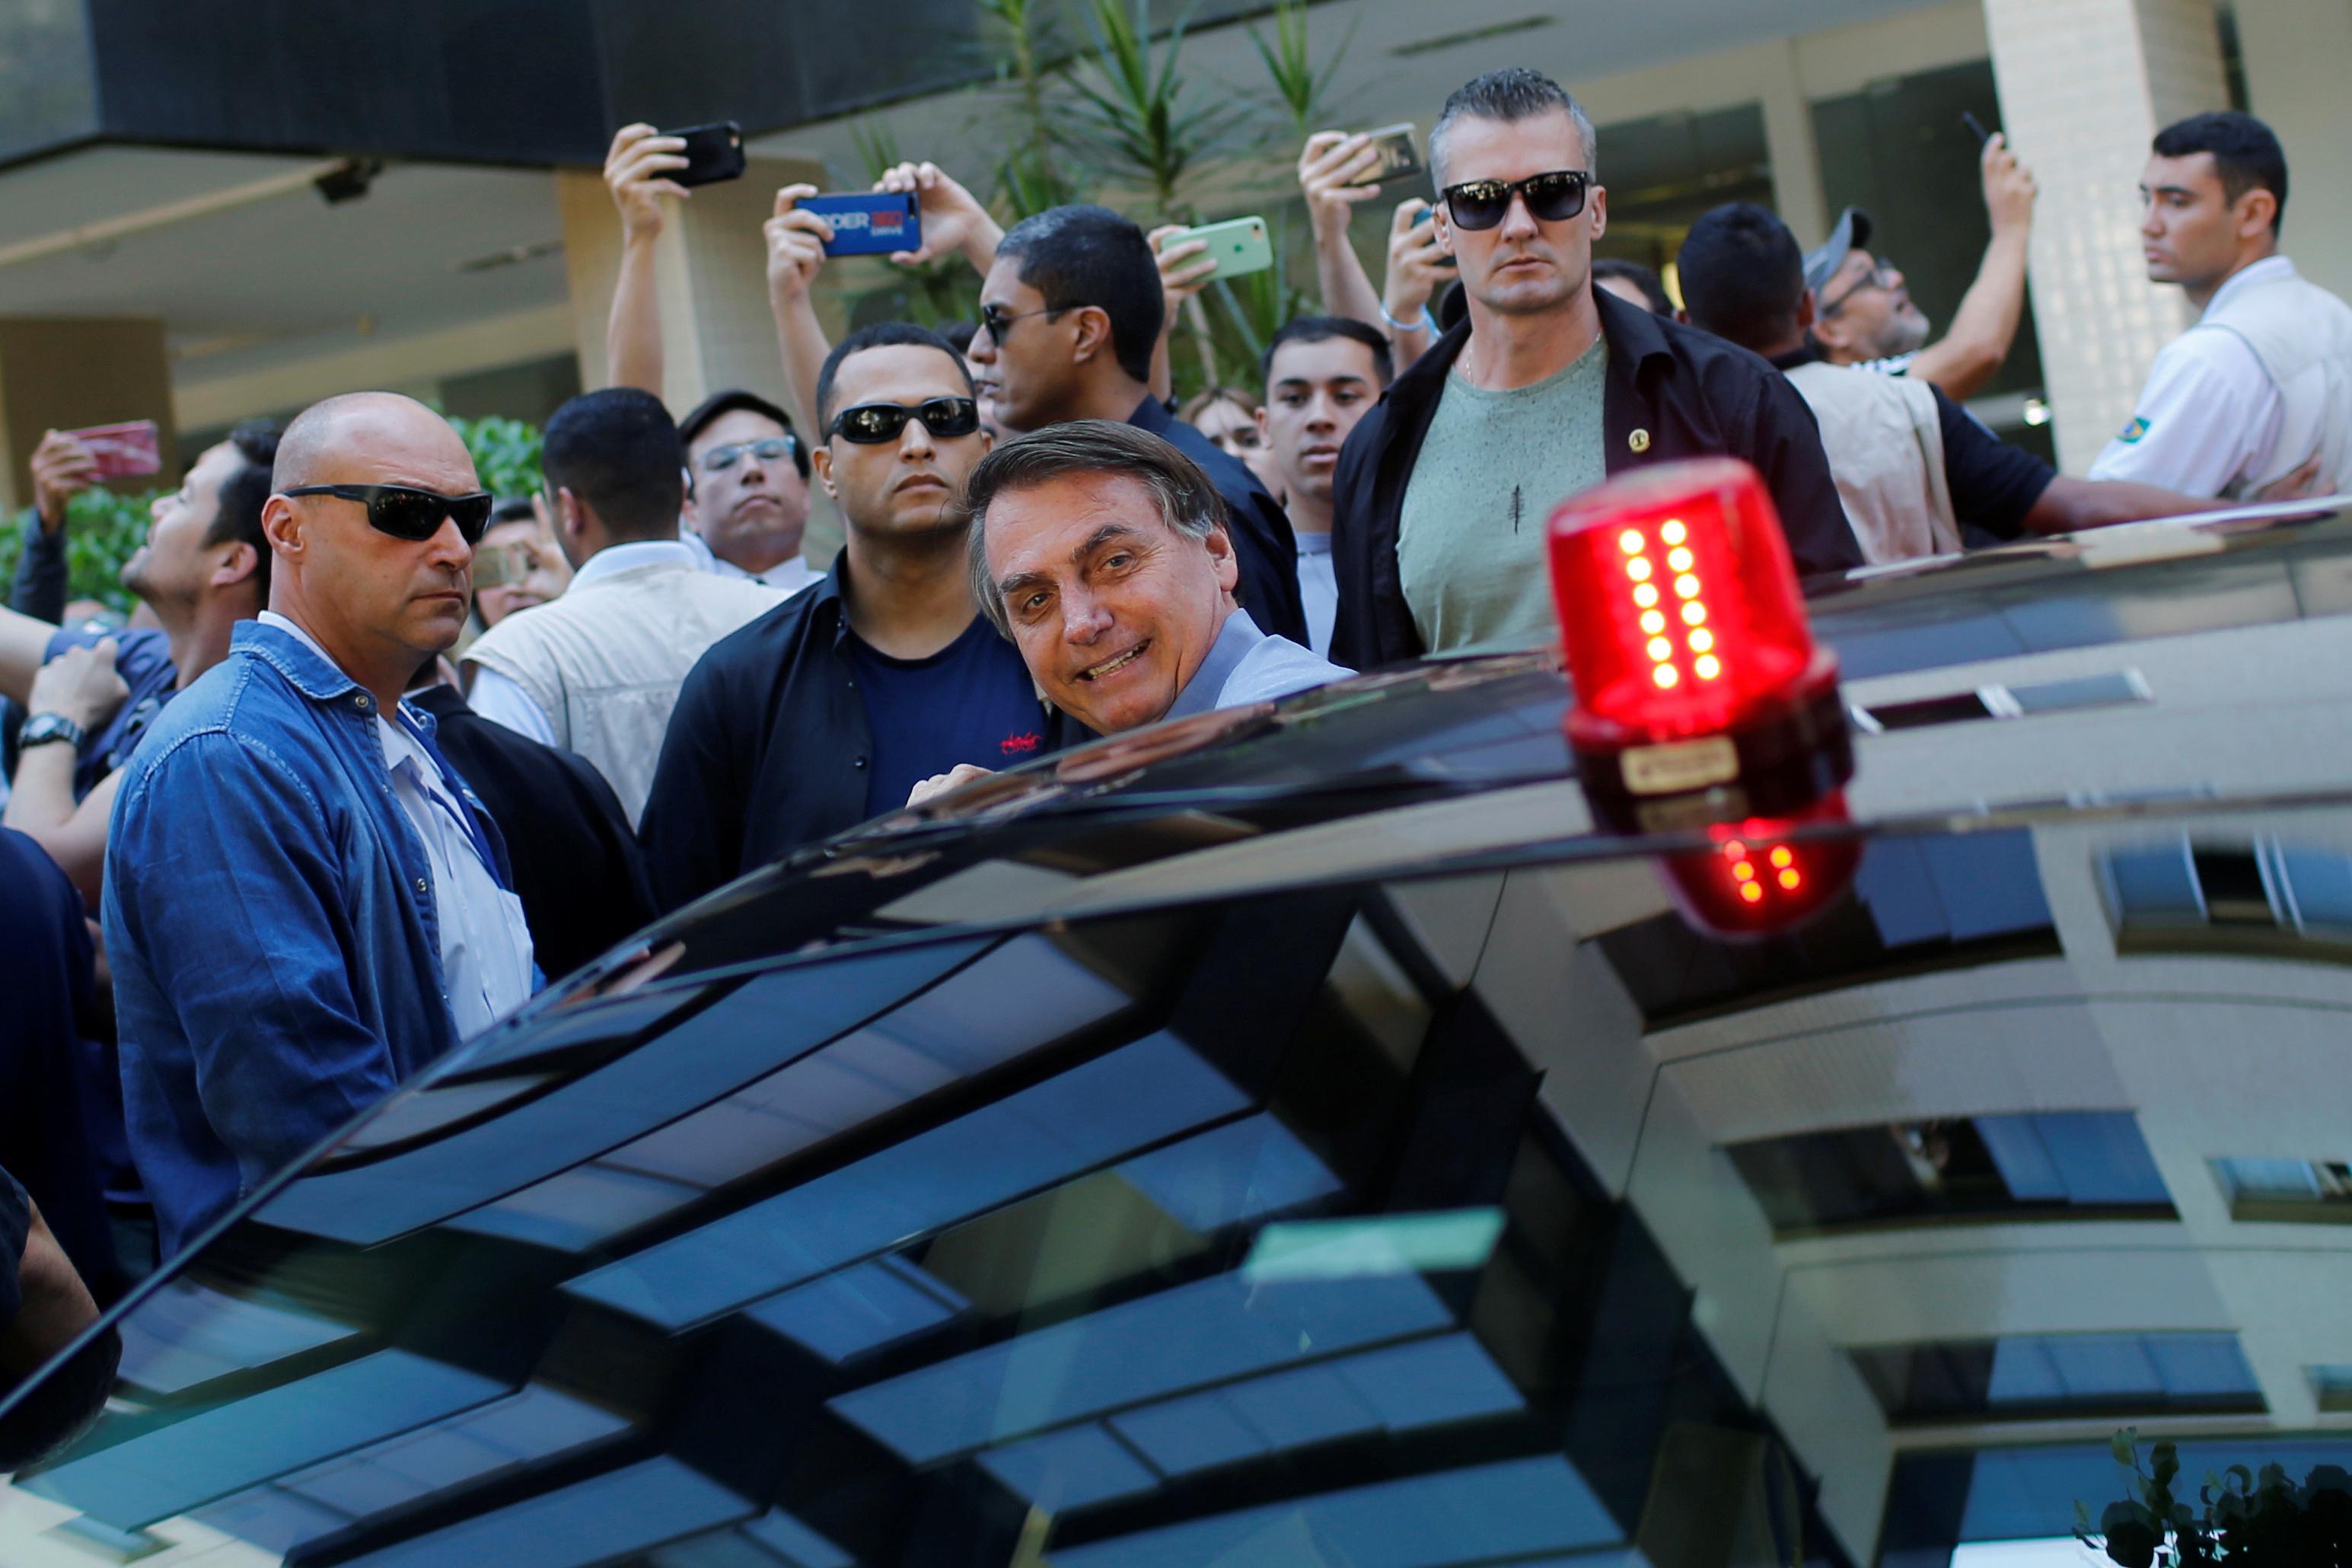 El presidente Bolsonaro en un barrio del Sudoeste, durante el brote de coronavirus en Brasil, el pasado 10 de abril (REUTERS/Adriano Machado)